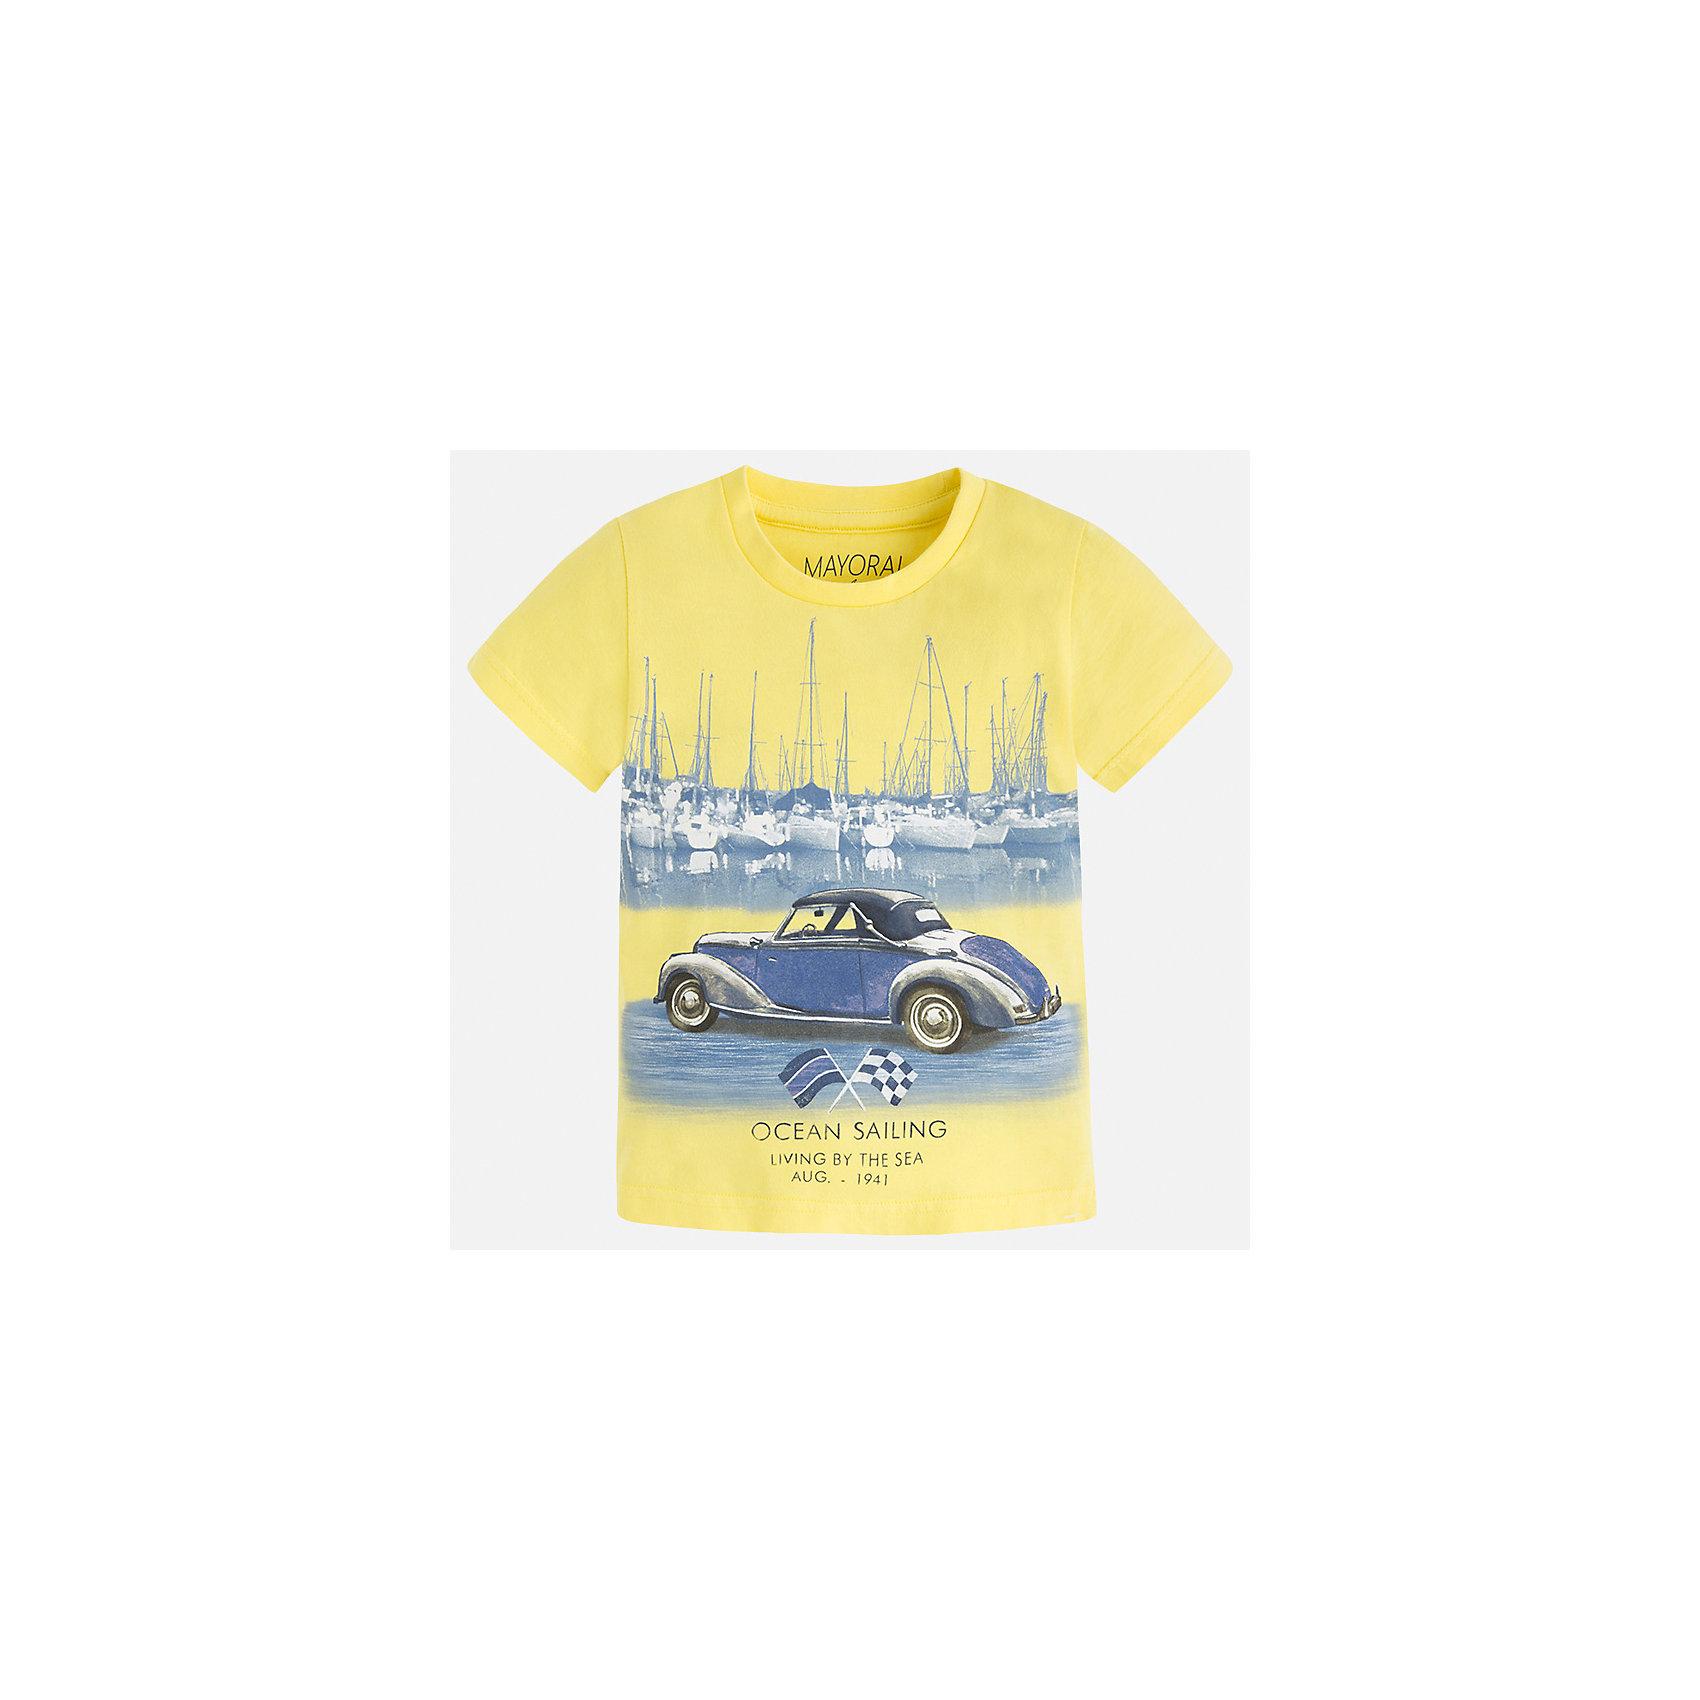 Футболка для мальчика MayoralХарактеристики товара:<br><br>• цвет: желтый<br>• состав: 100% хлопок<br>• круглый горловой вырез<br>• принт впереди<br>• короткие рукава<br>• отделка горловины<br>• страна бренда: Испания<br><br>Стильная футболка с принтом поможет разнообразить гардероб мальчика. Она отлично сочетается с брюками, шортами, джинсами и т.д. Универсальный крой и цвет позволяет подобрать к вещи низ разных расцветок. Практичное и стильное изделие! В составе материала - только натуральный хлопок, гипоаллергенный, приятный на ощупь, дышащий.<br><br>Одежда, обувь и аксессуары от испанского бренда Mayoral полюбились детям и взрослым по всему миру. Модели этой марки - стильные и удобные. Для их производства используются только безопасные, качественные материалы и фурнитура. Порадуйте ребенка модными и красивыми вещами от Mayoral! <br><br>Футболку для мальчика от испанского бренда Mayoral (Майорал) можно купить в нашем интернет-магазине.<br><br>Ширина мм: 199<br>Глубина мм: 10<br>Высота мм: 161<br>Вес г: 151<br>Цвет: желтый<br>Возраст от месяцев: 72<br>Возраст до месяцев: 84<br>Пол: Мужской<br>Возраст: Детский<br>Размер: 98,92,116,134,110,128,122,104<br>SKU: 5279755